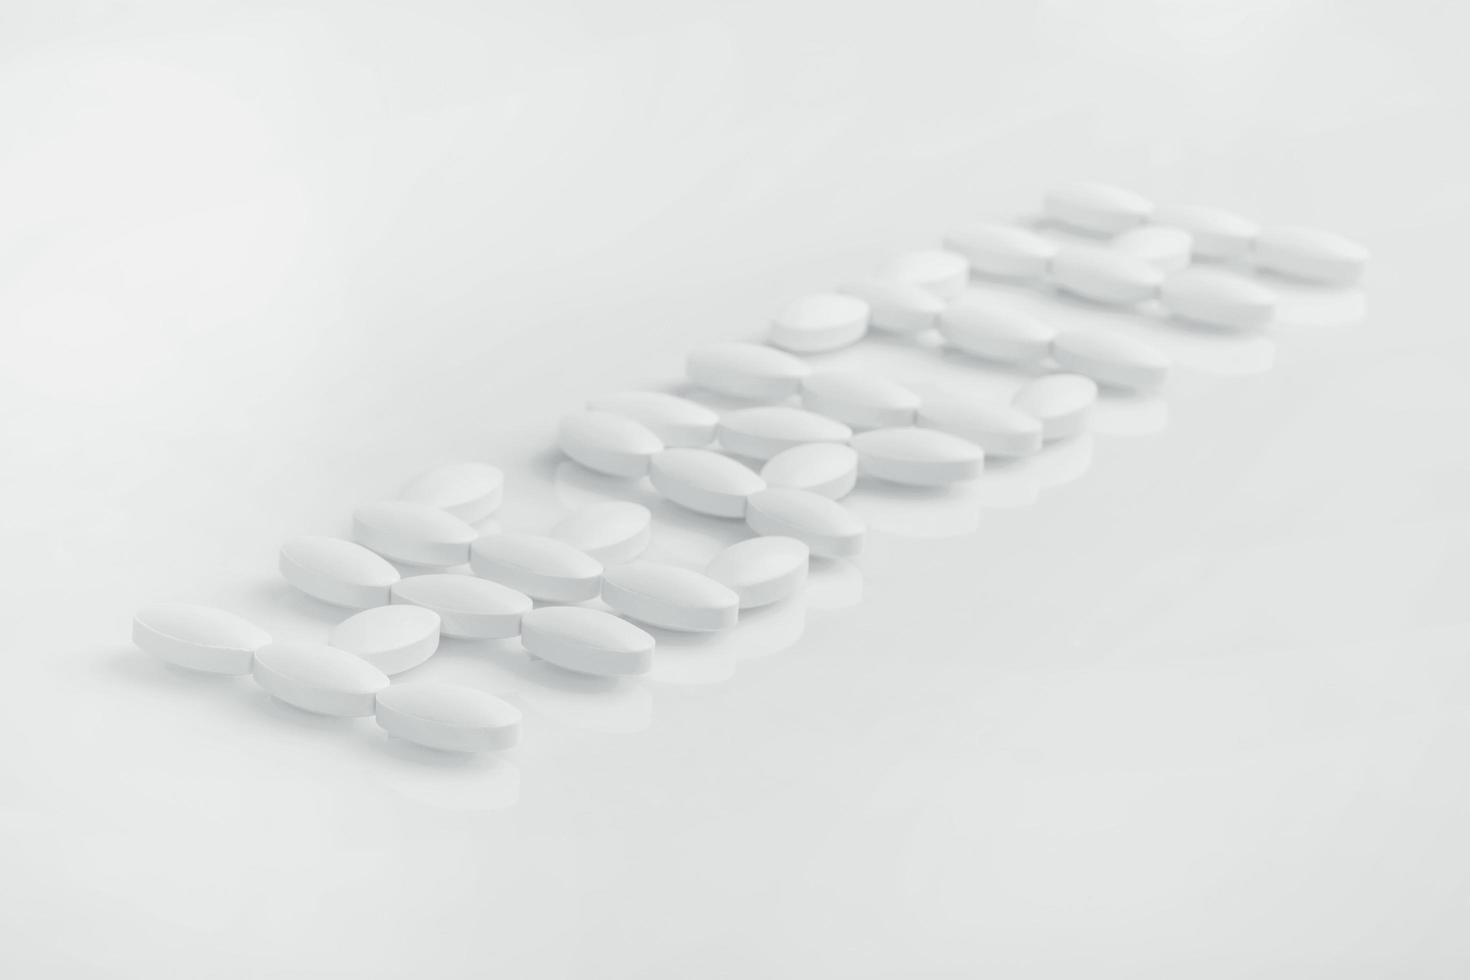 parola di salute composta da pillole bianche foto